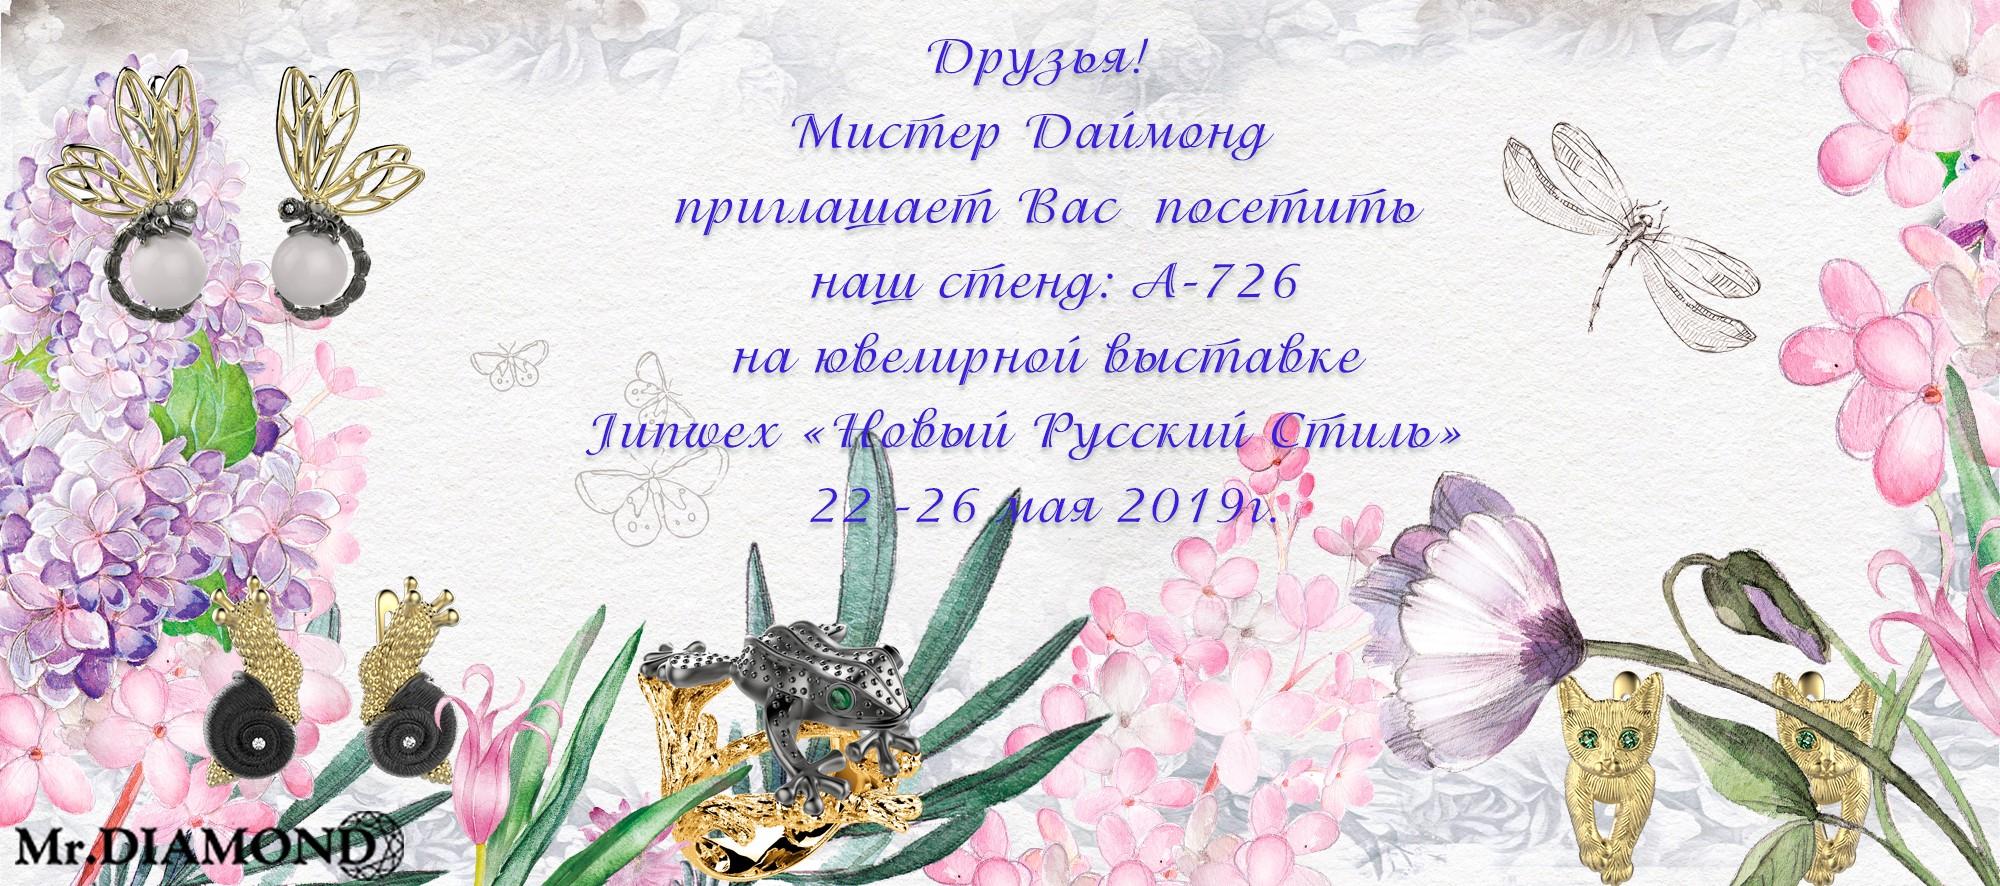 Мистер даймонд приглашает на выставку Junwex Новый русский стиль